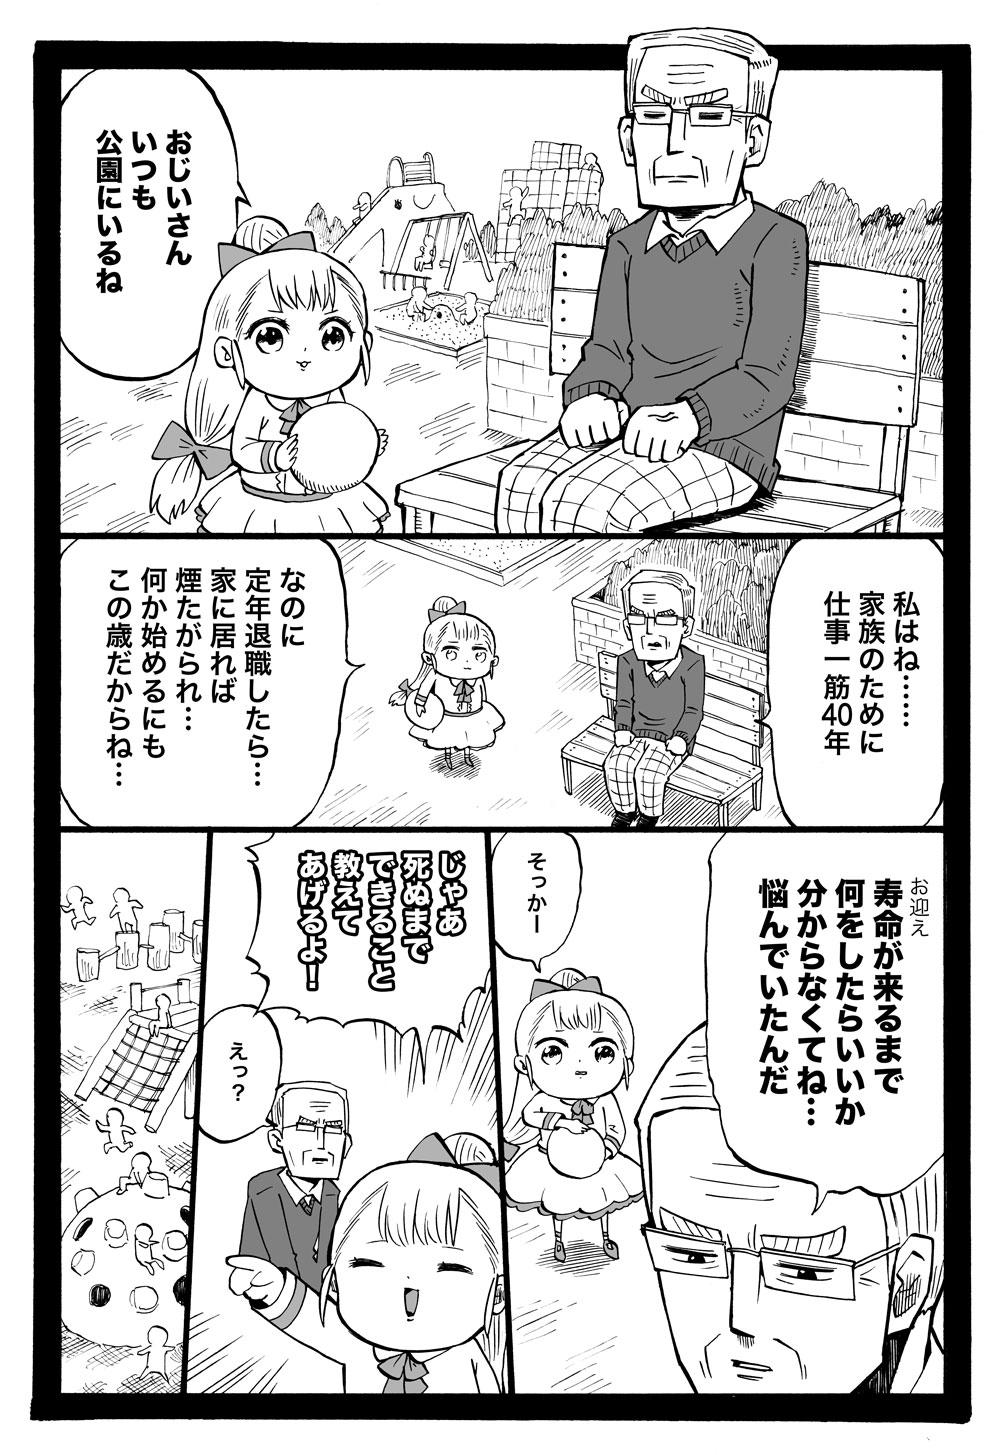 幼女社長(ろうご(単行本収録))